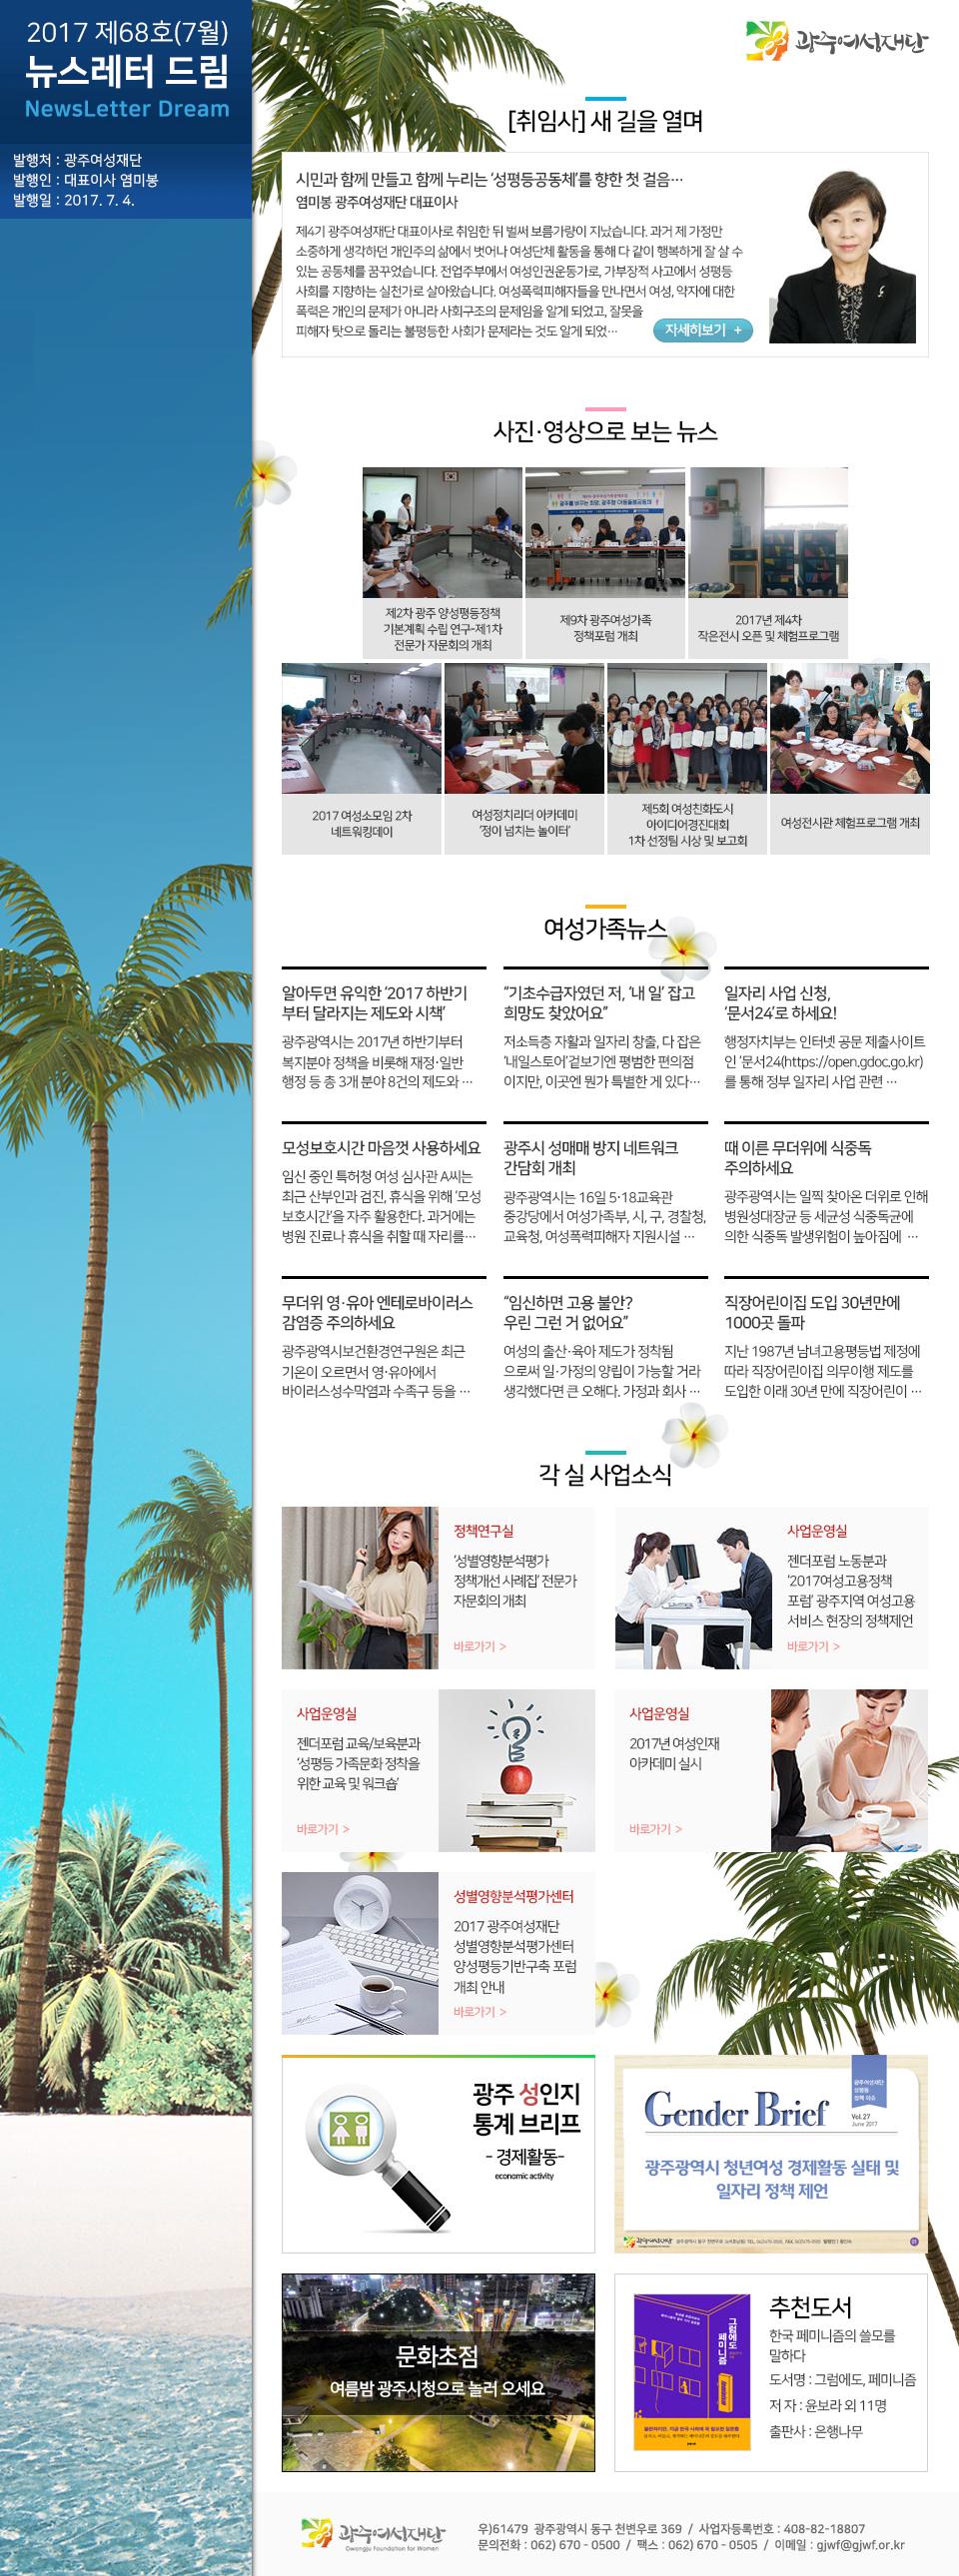 뉴스레터 드림 68호(17.07월) 썸네일